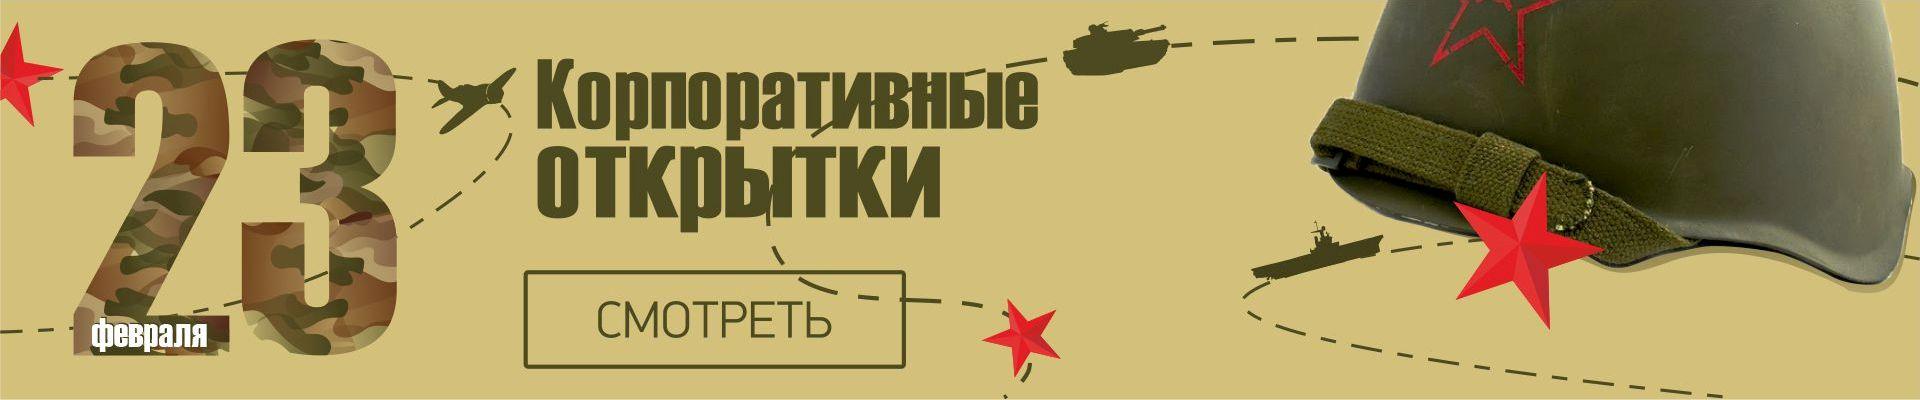 Корпоративные открытки на 23 февраля, заказать с тиснением лого, печать текста.